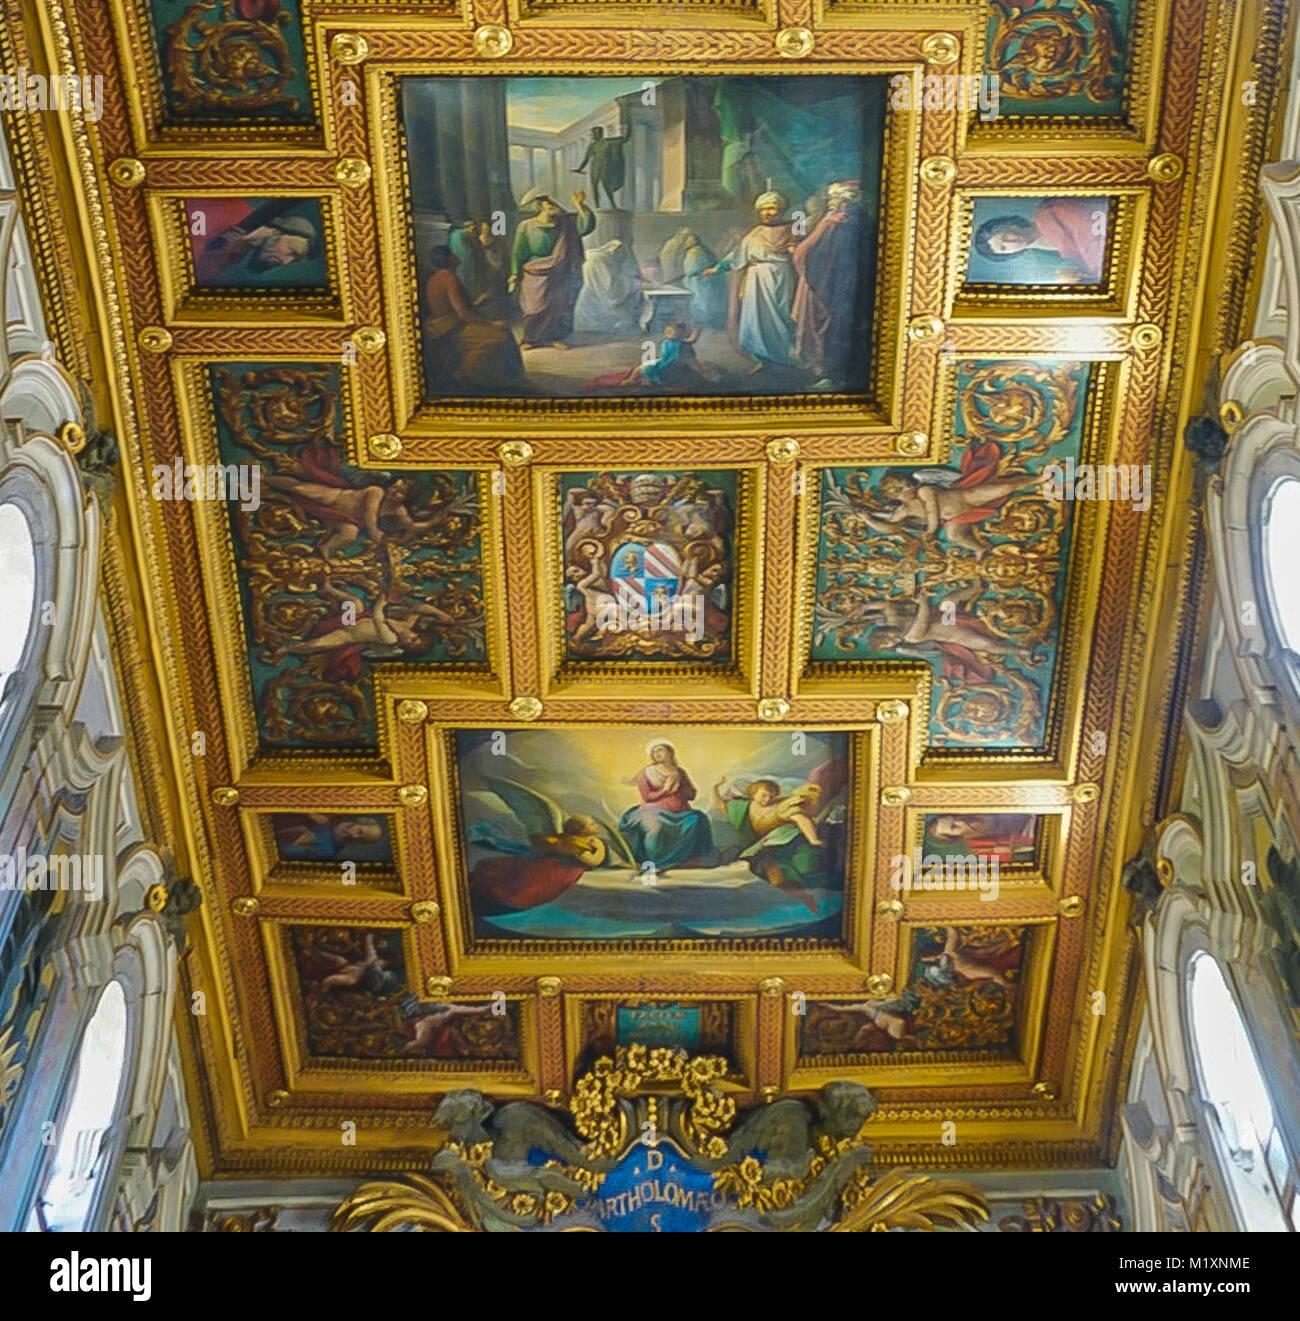 ROME , ITALIE - 10 octobre 2017: l'intérieur du plafond de la Basilique de St Barthélemy sur l'île Tibérine Banque D'Images